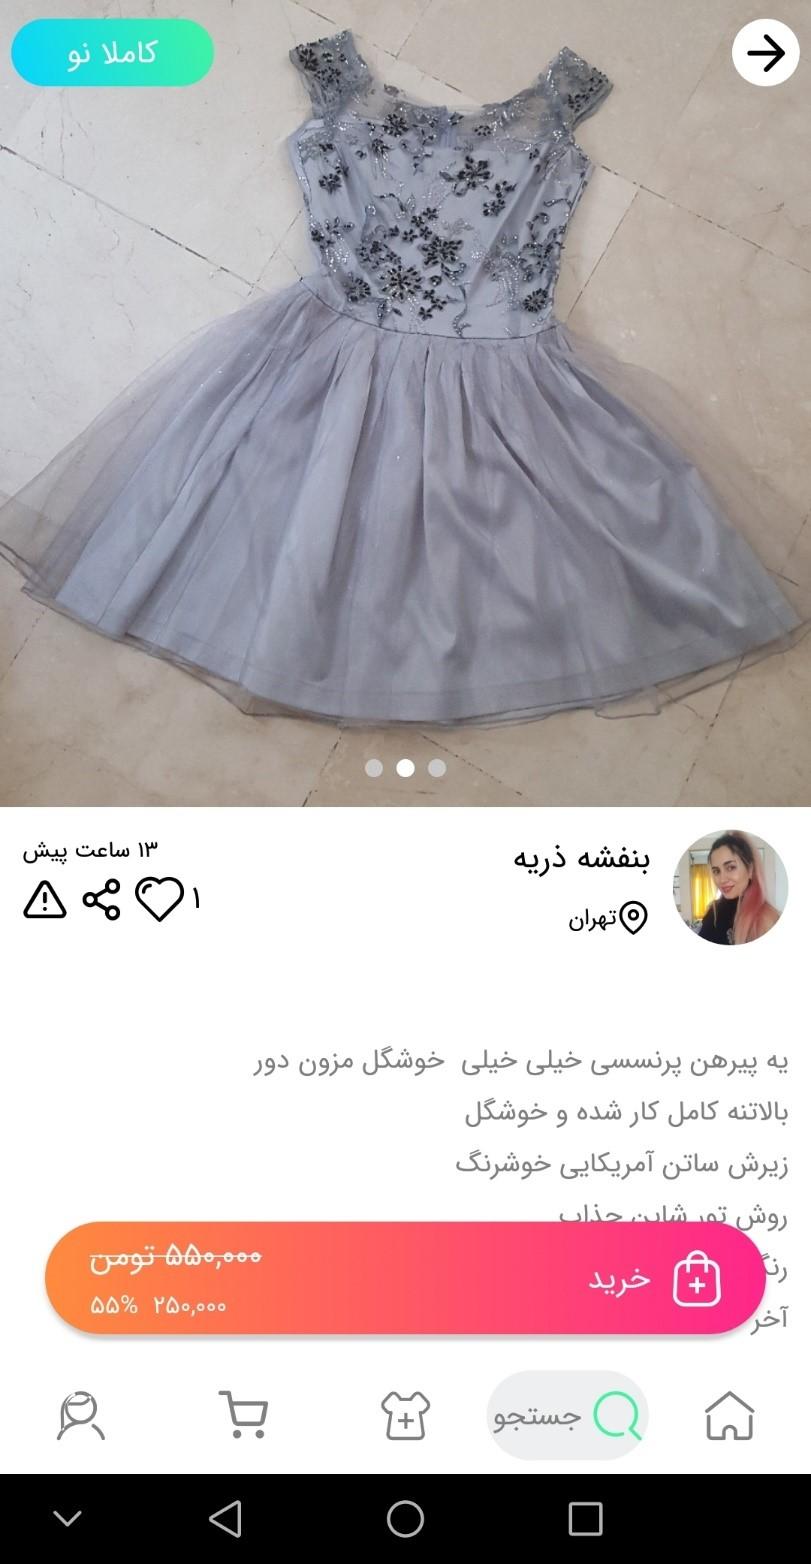 لباس مجلسی ریشه دار (معرفی 100 مدل لباس مجلسی ریشه دار)